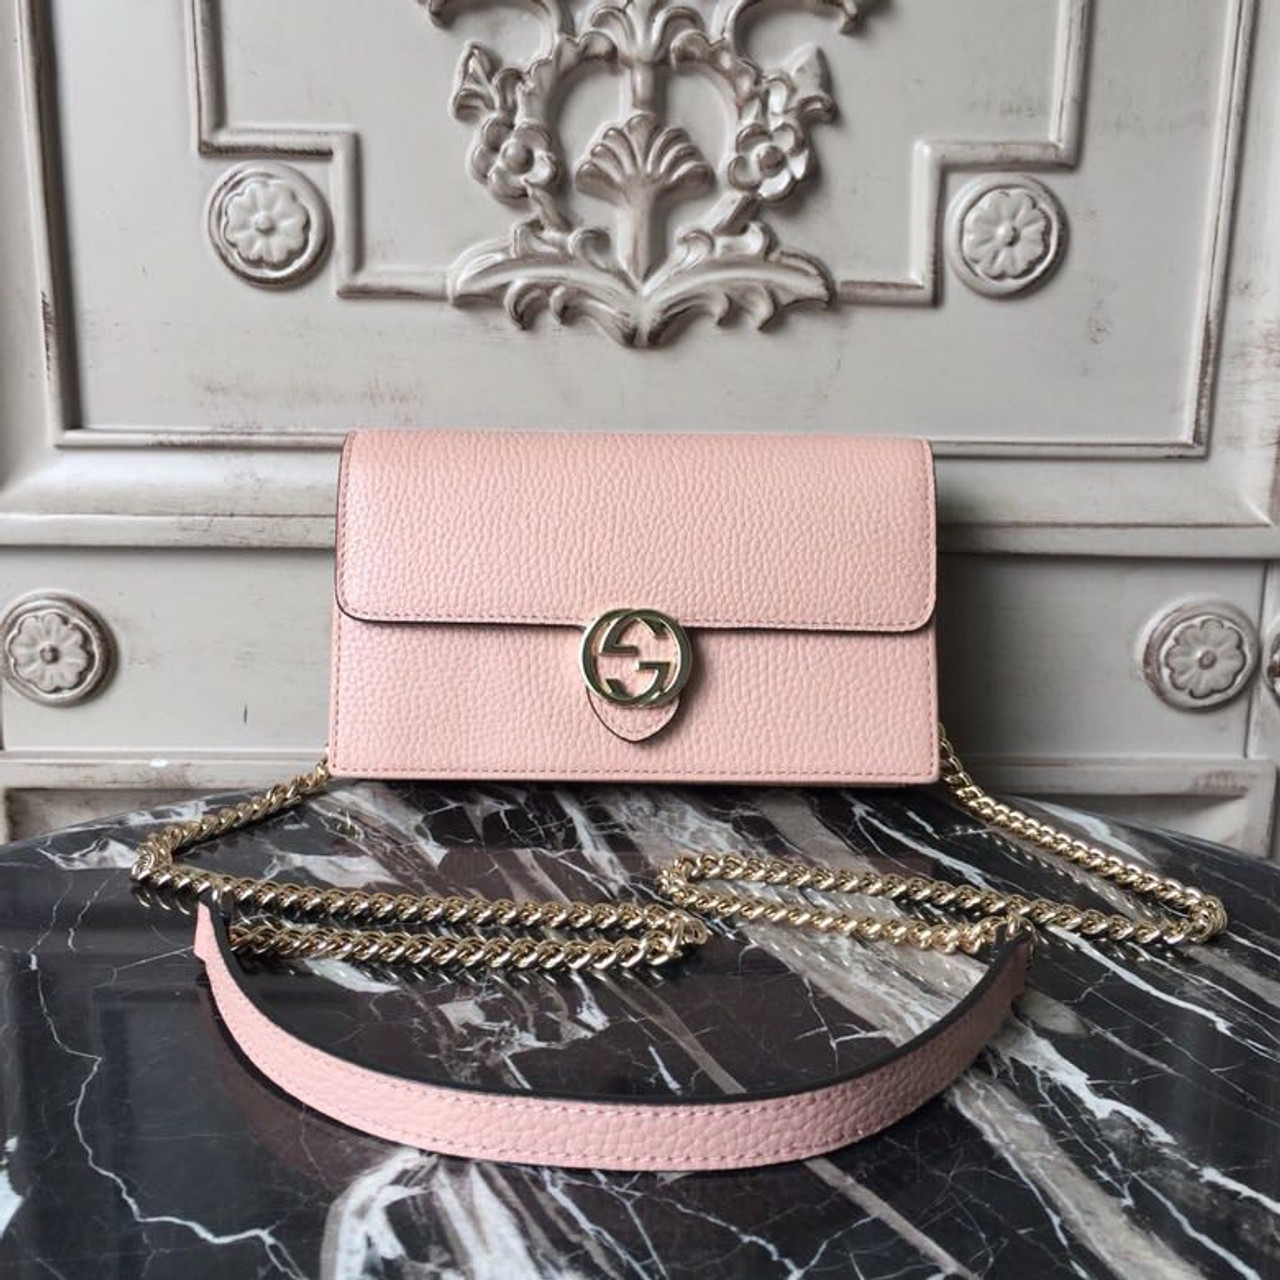 Box Shoulder Bag 20cm 510304 Grained Calfskin Leather Spring Summer 2018  Collection d75da136c8354